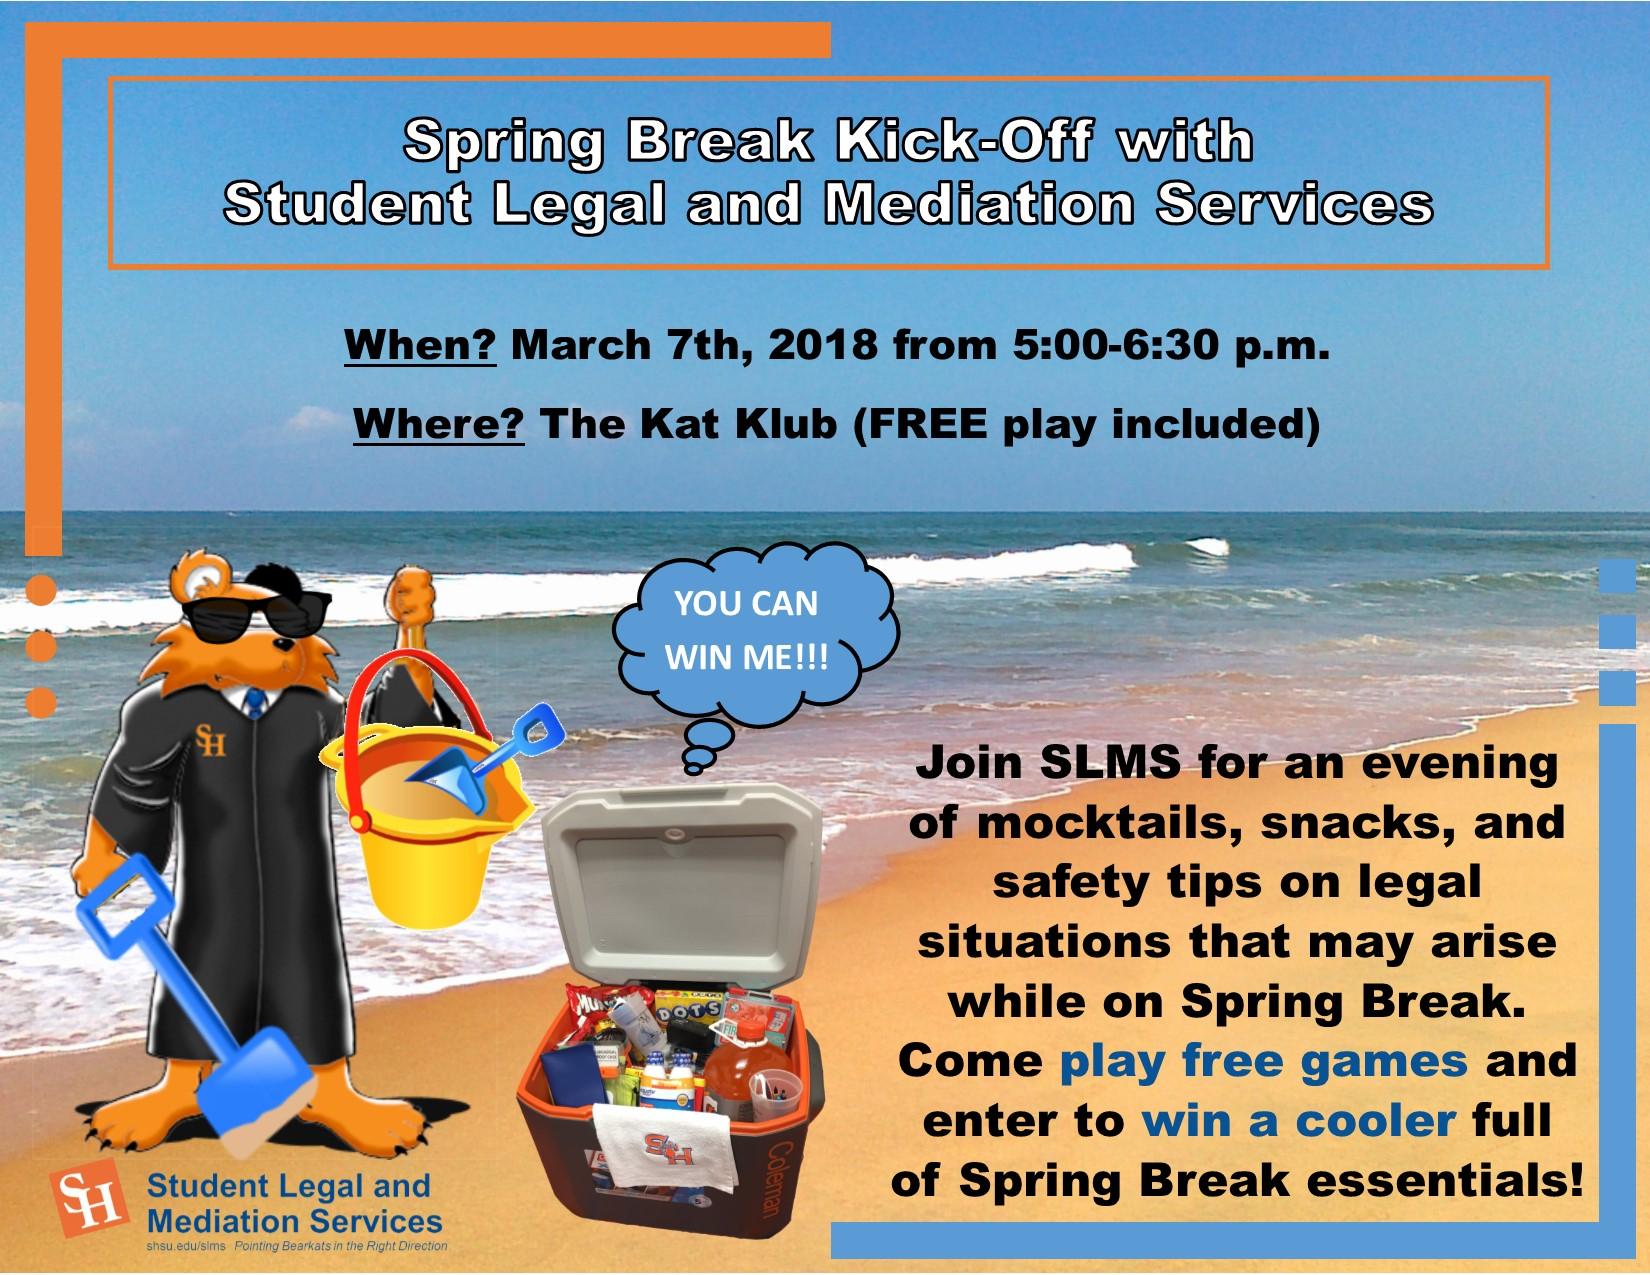 Legal Services' Secrets To A Safe, Smart Spring Break - Sam for When Is Sam Hustons States Spring Break